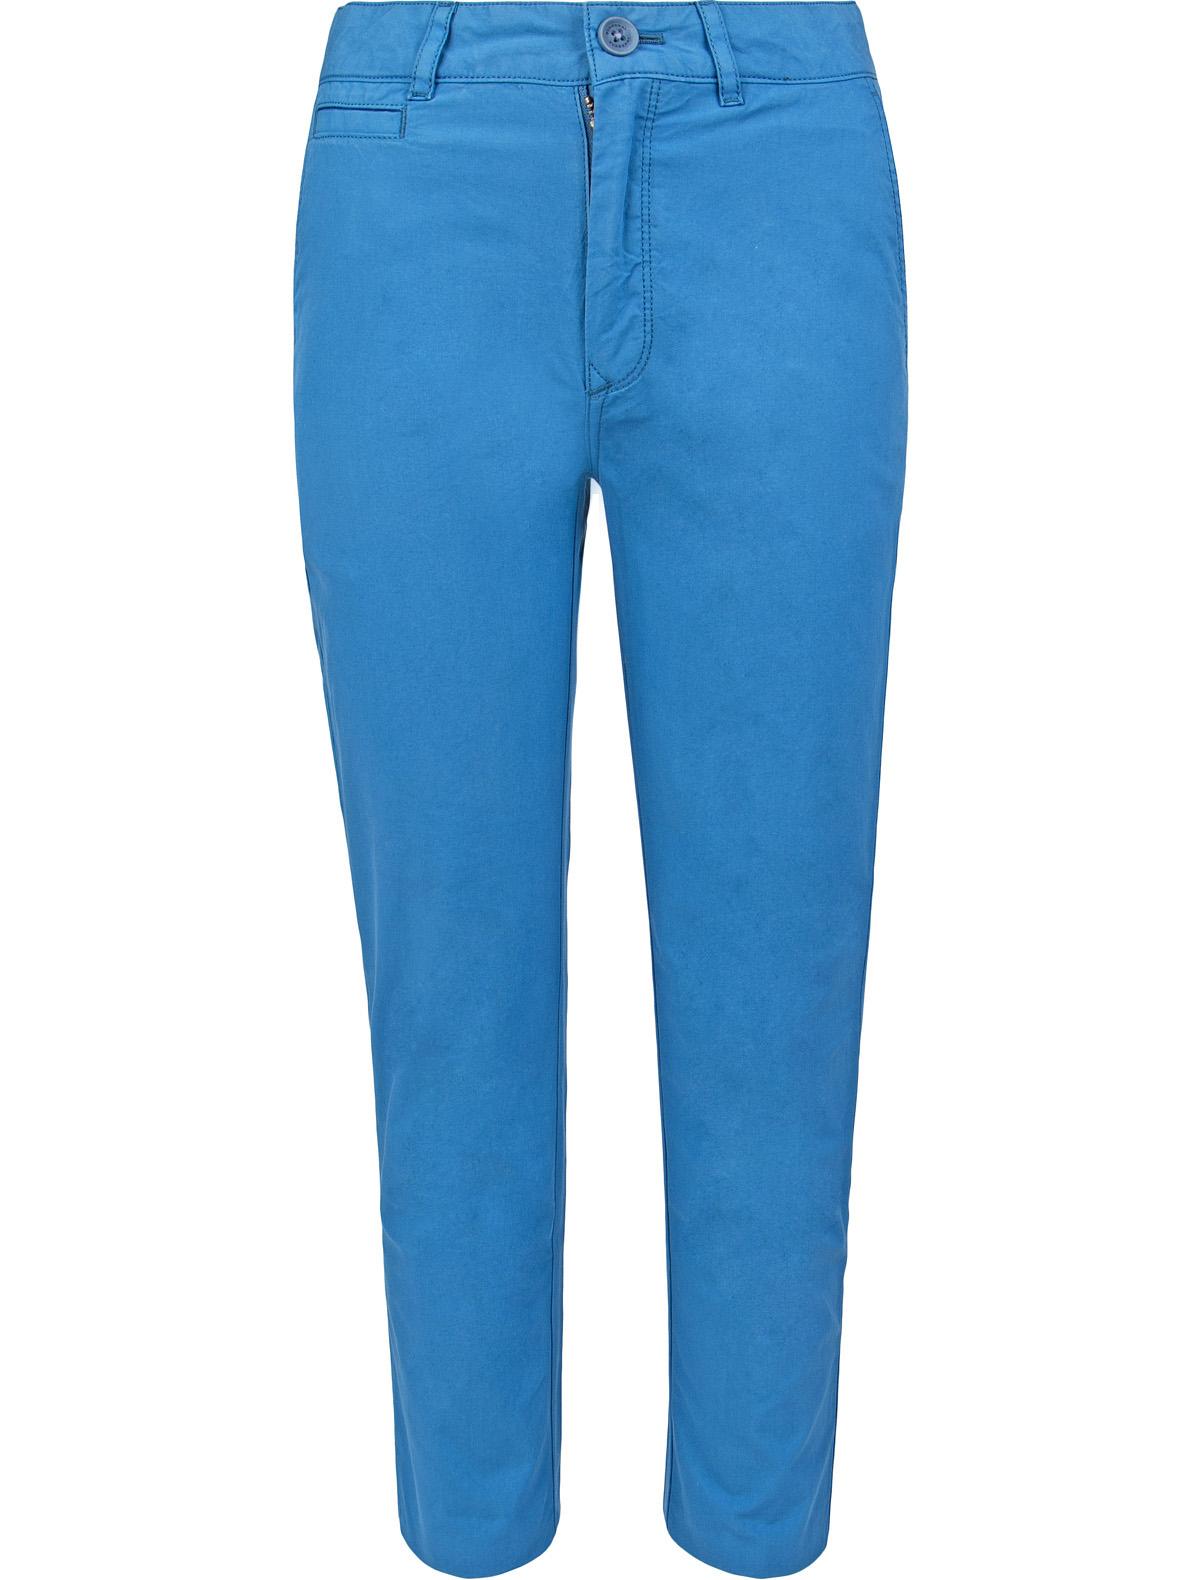 Купить 1875358, Брюки Burberry, голубой, Мужской, 1080319770046